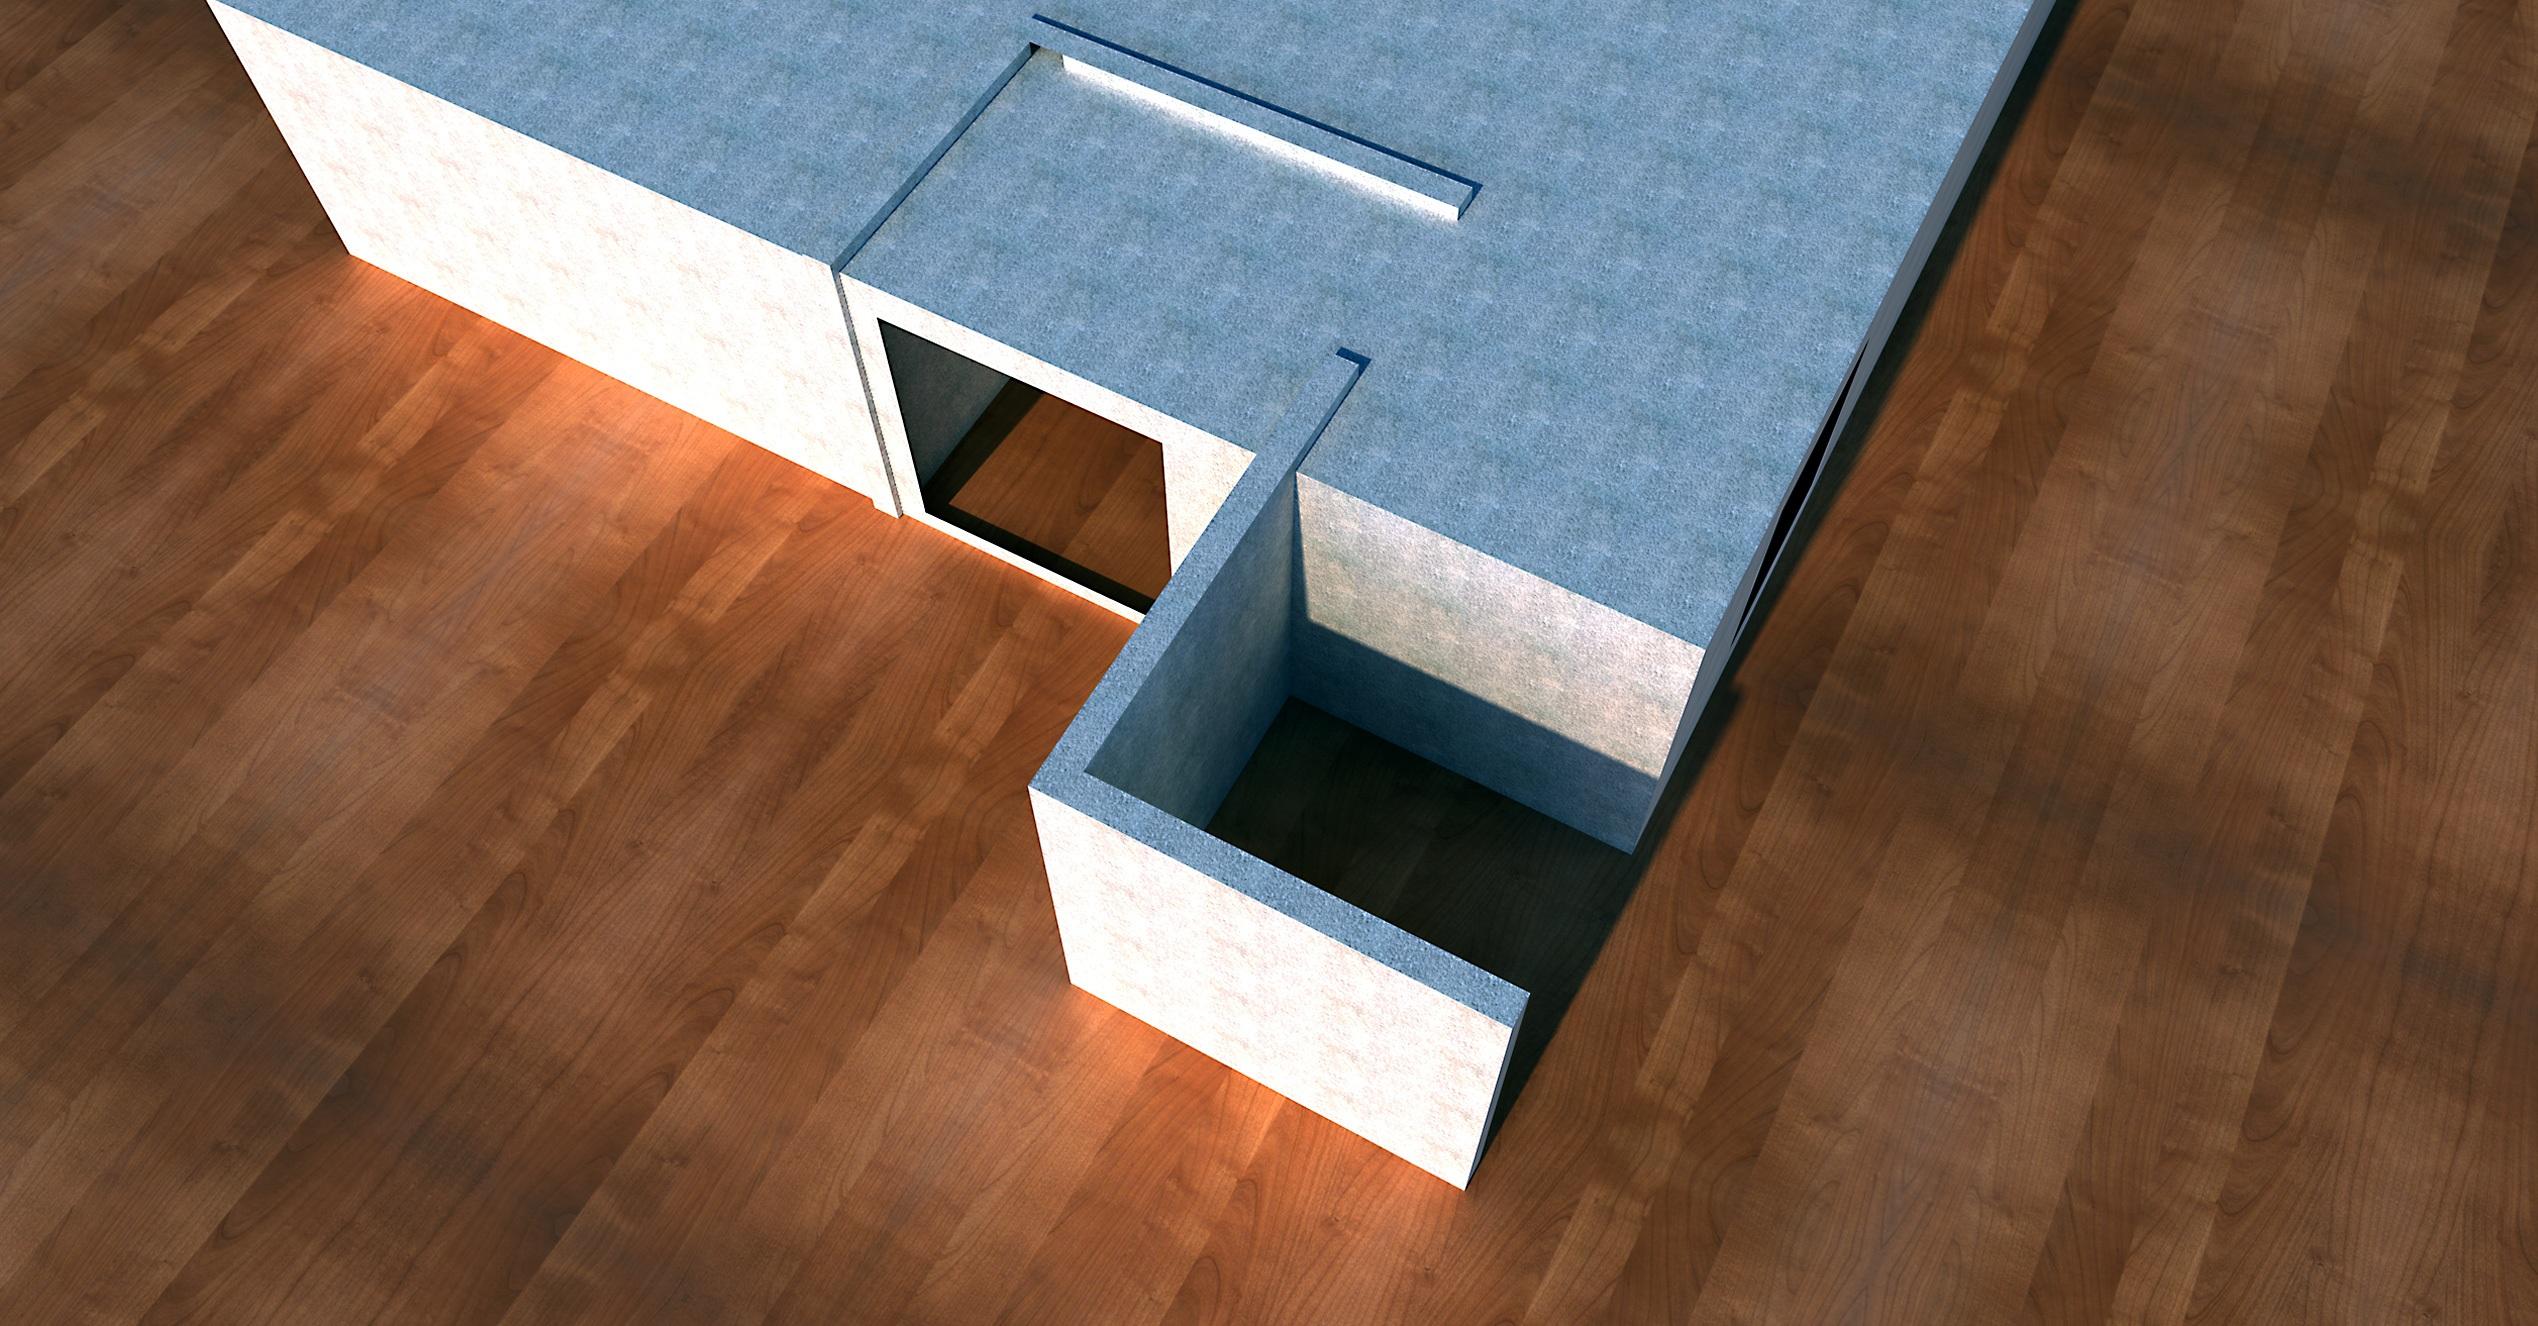 Möbel Leer kostenlose foto schreibtisch tabelle abstrakt die architektur